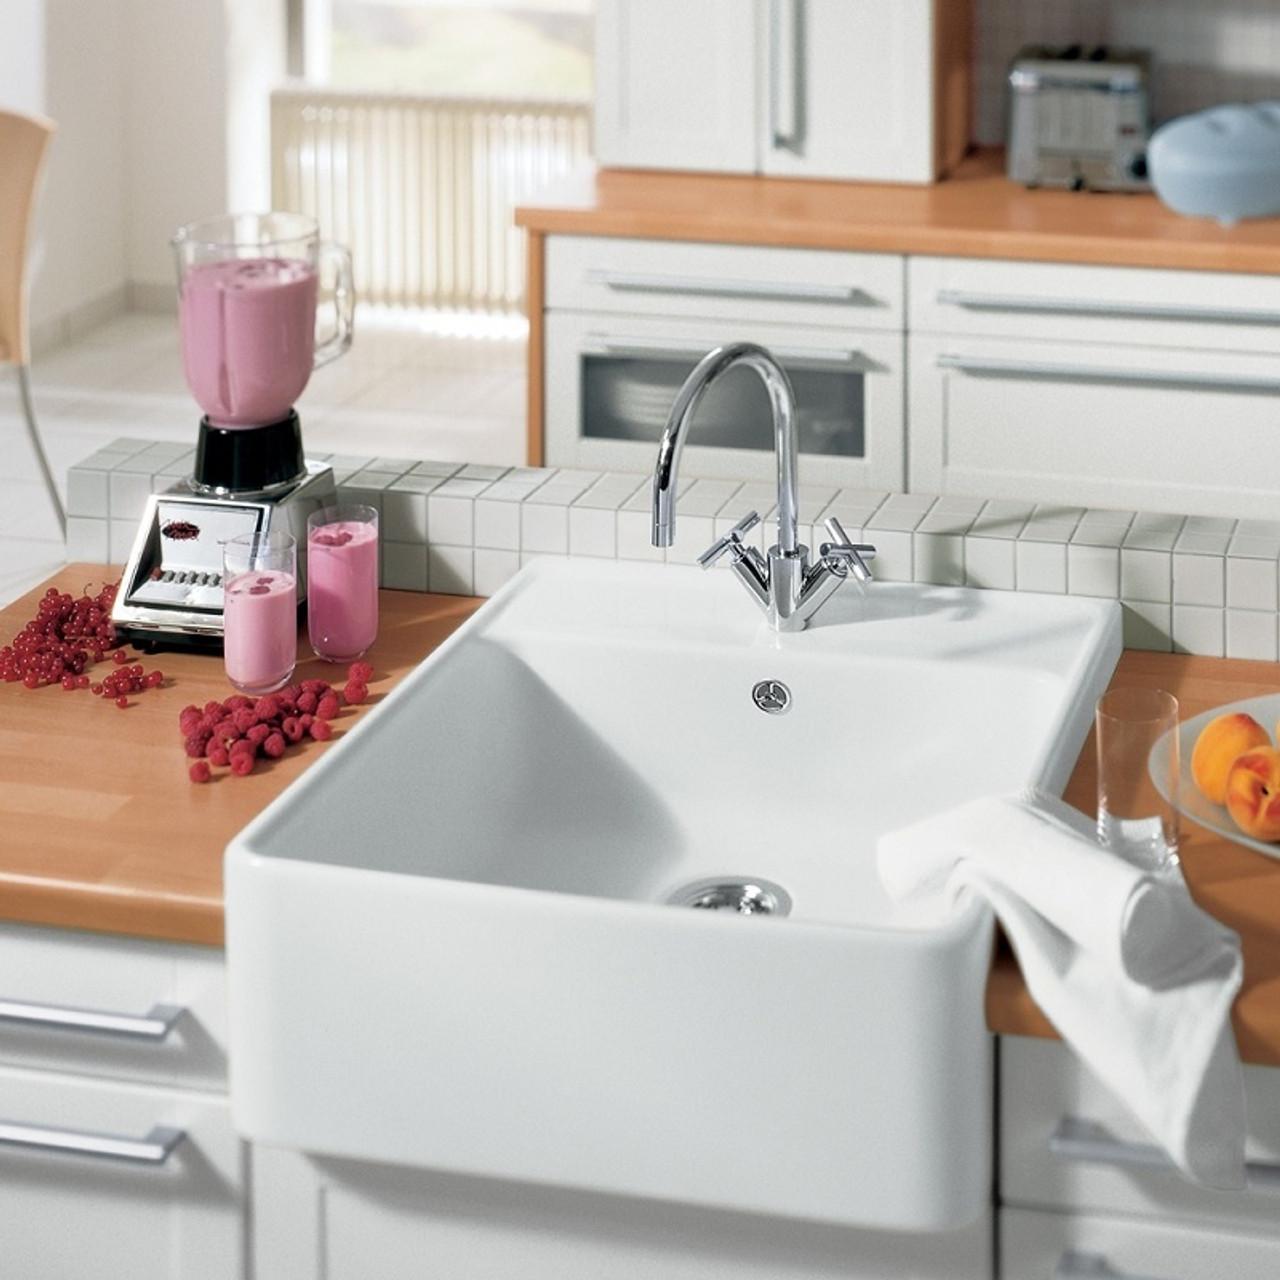 Villeroy & Boch Butler 60 (Single bowl sink Module) Kitchen Sink - Sinks